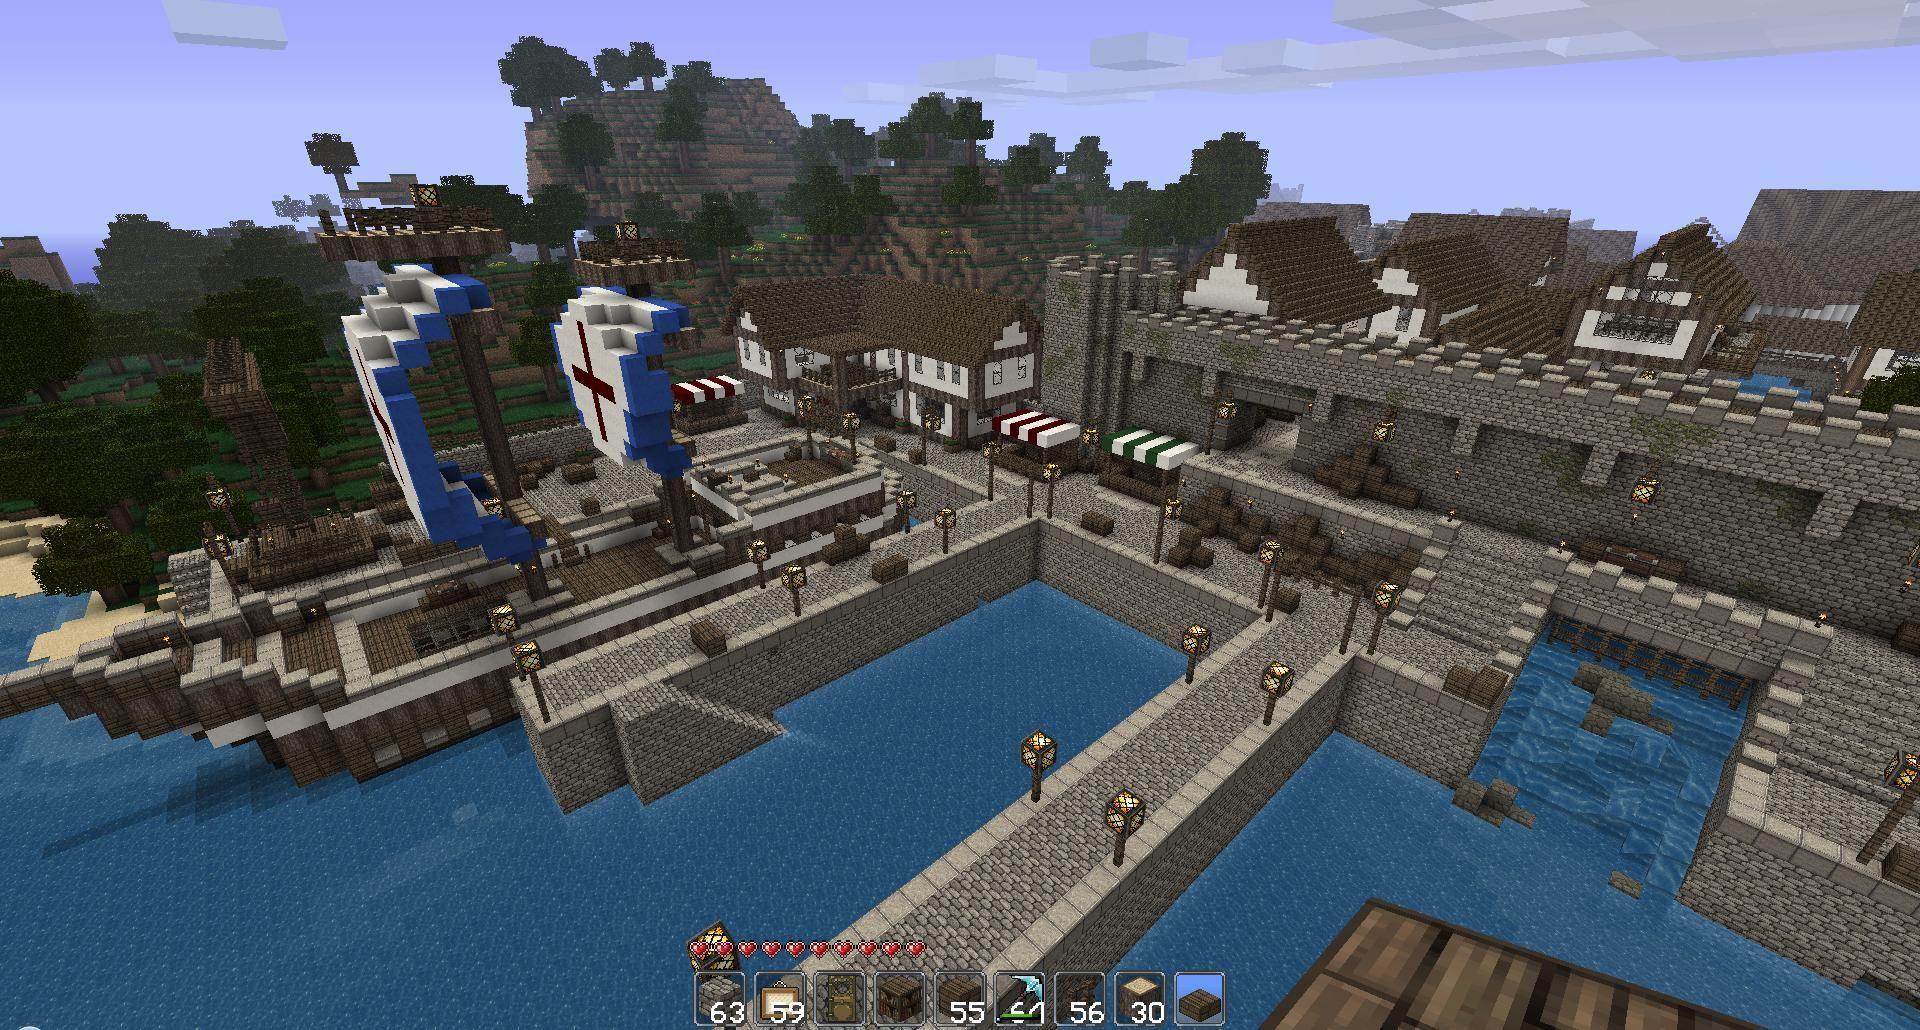 Oddworld S Medieval Map Wip V4 Minecraft Ships Minecraft Construction Minecraft Building